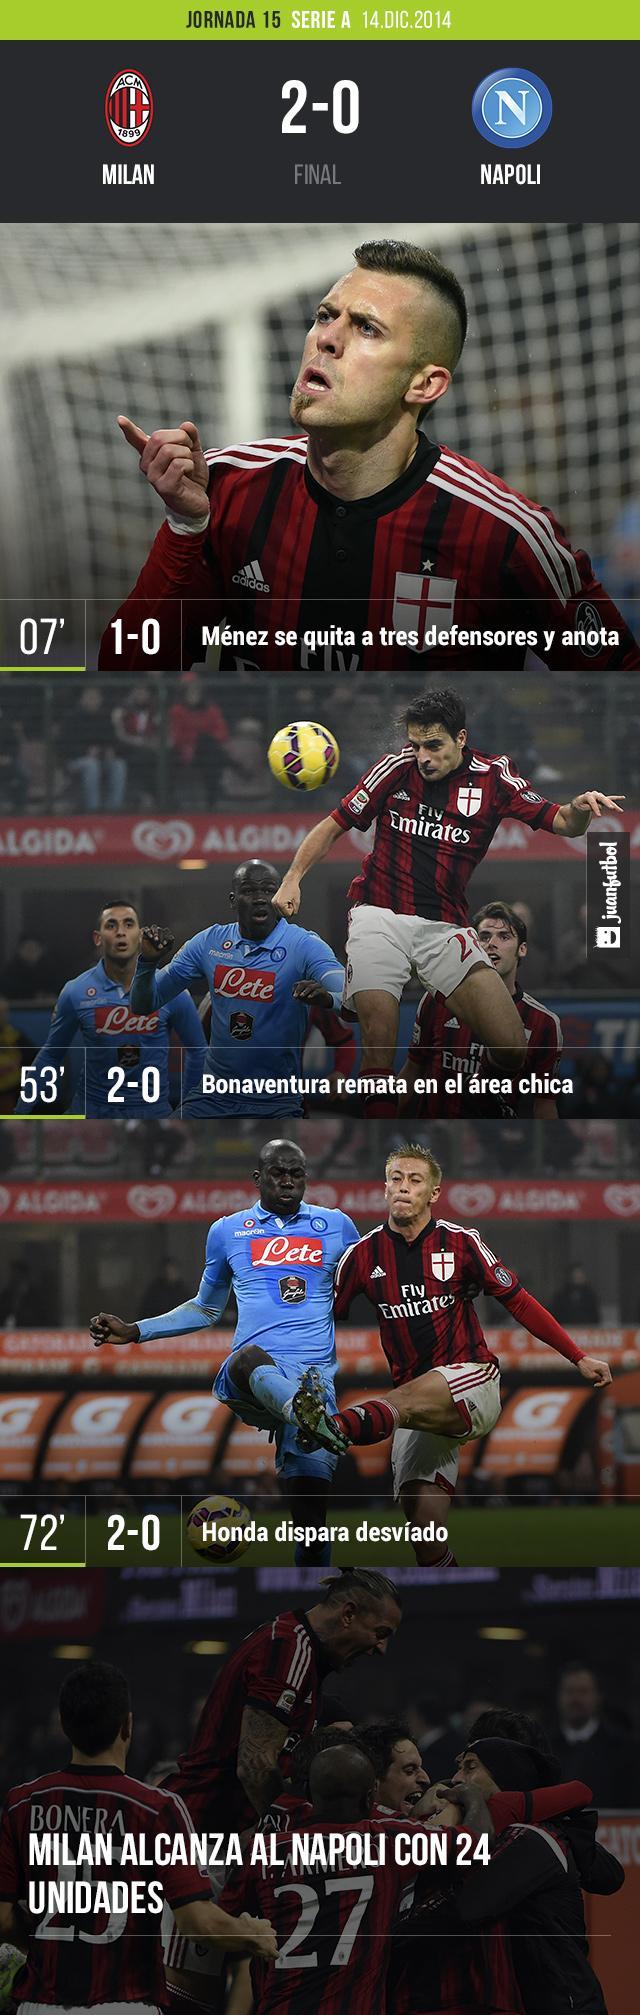 El Milan vencio 2- 0 al Napoli como parte de la jornada 15 de la Sere A Italiana. Los goles estuvieron a cargo de Mánez y Bonaventura.